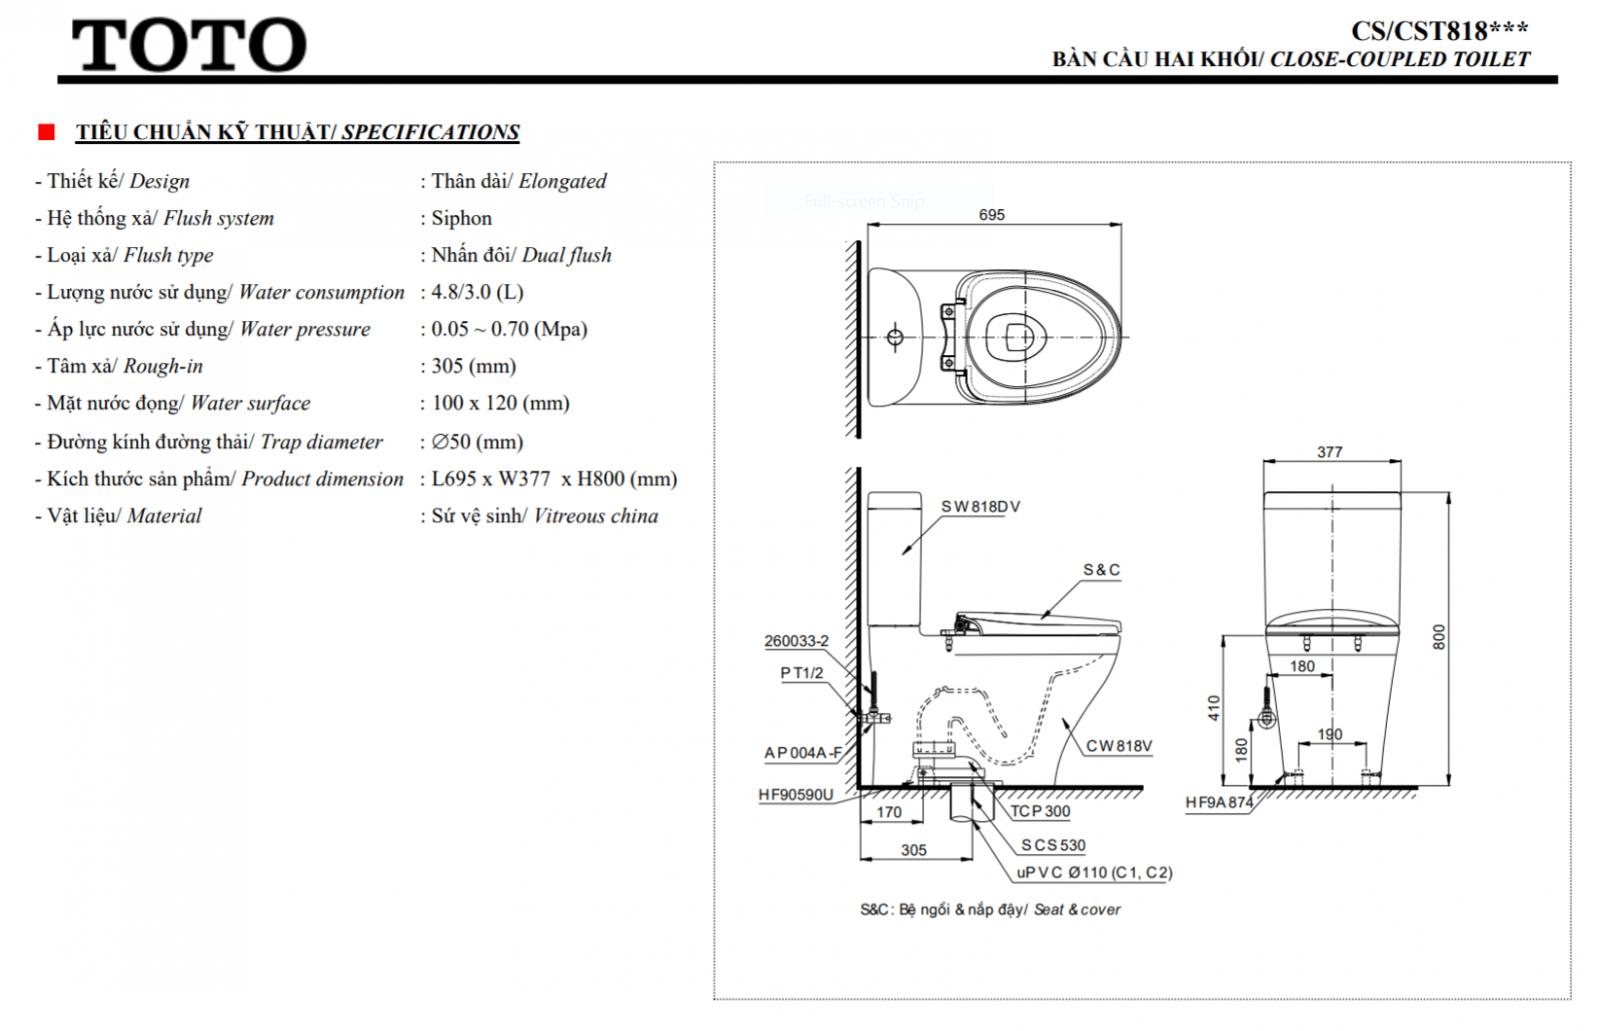 thông số kĩ thuật bồn cầu 2 khối điện tử toto CS818